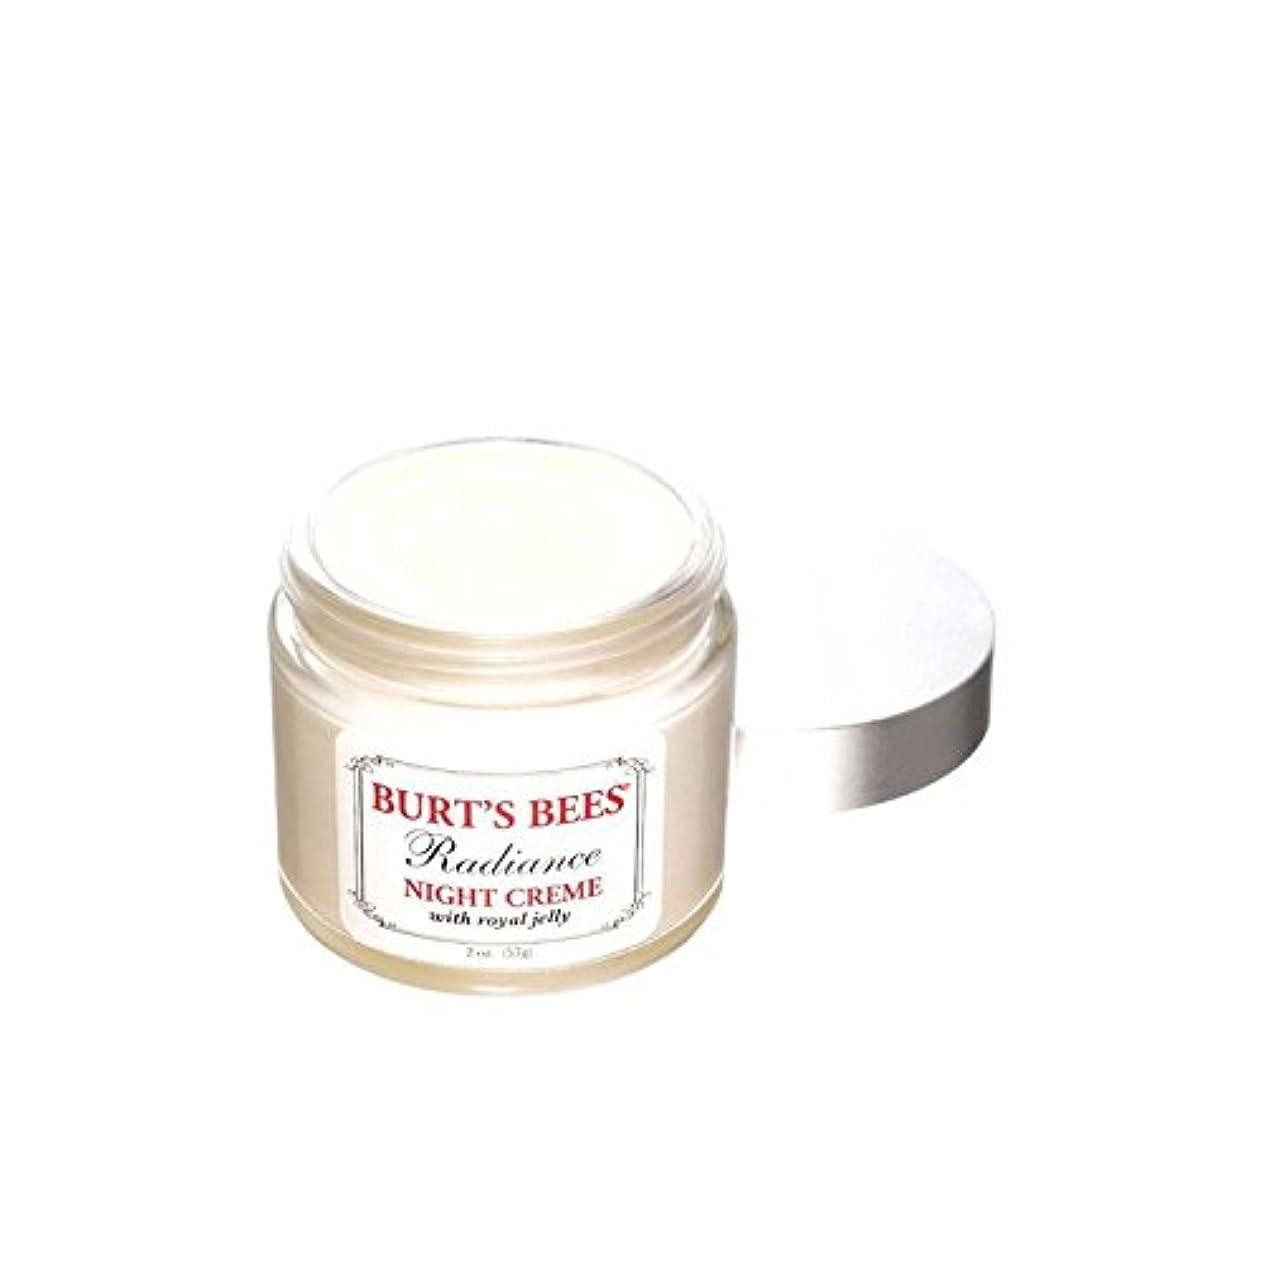 適切な机パイプラインBurt's Bees Radiance Night Creme - バーツビー輝きの夜のクリーム [並行輸入品]